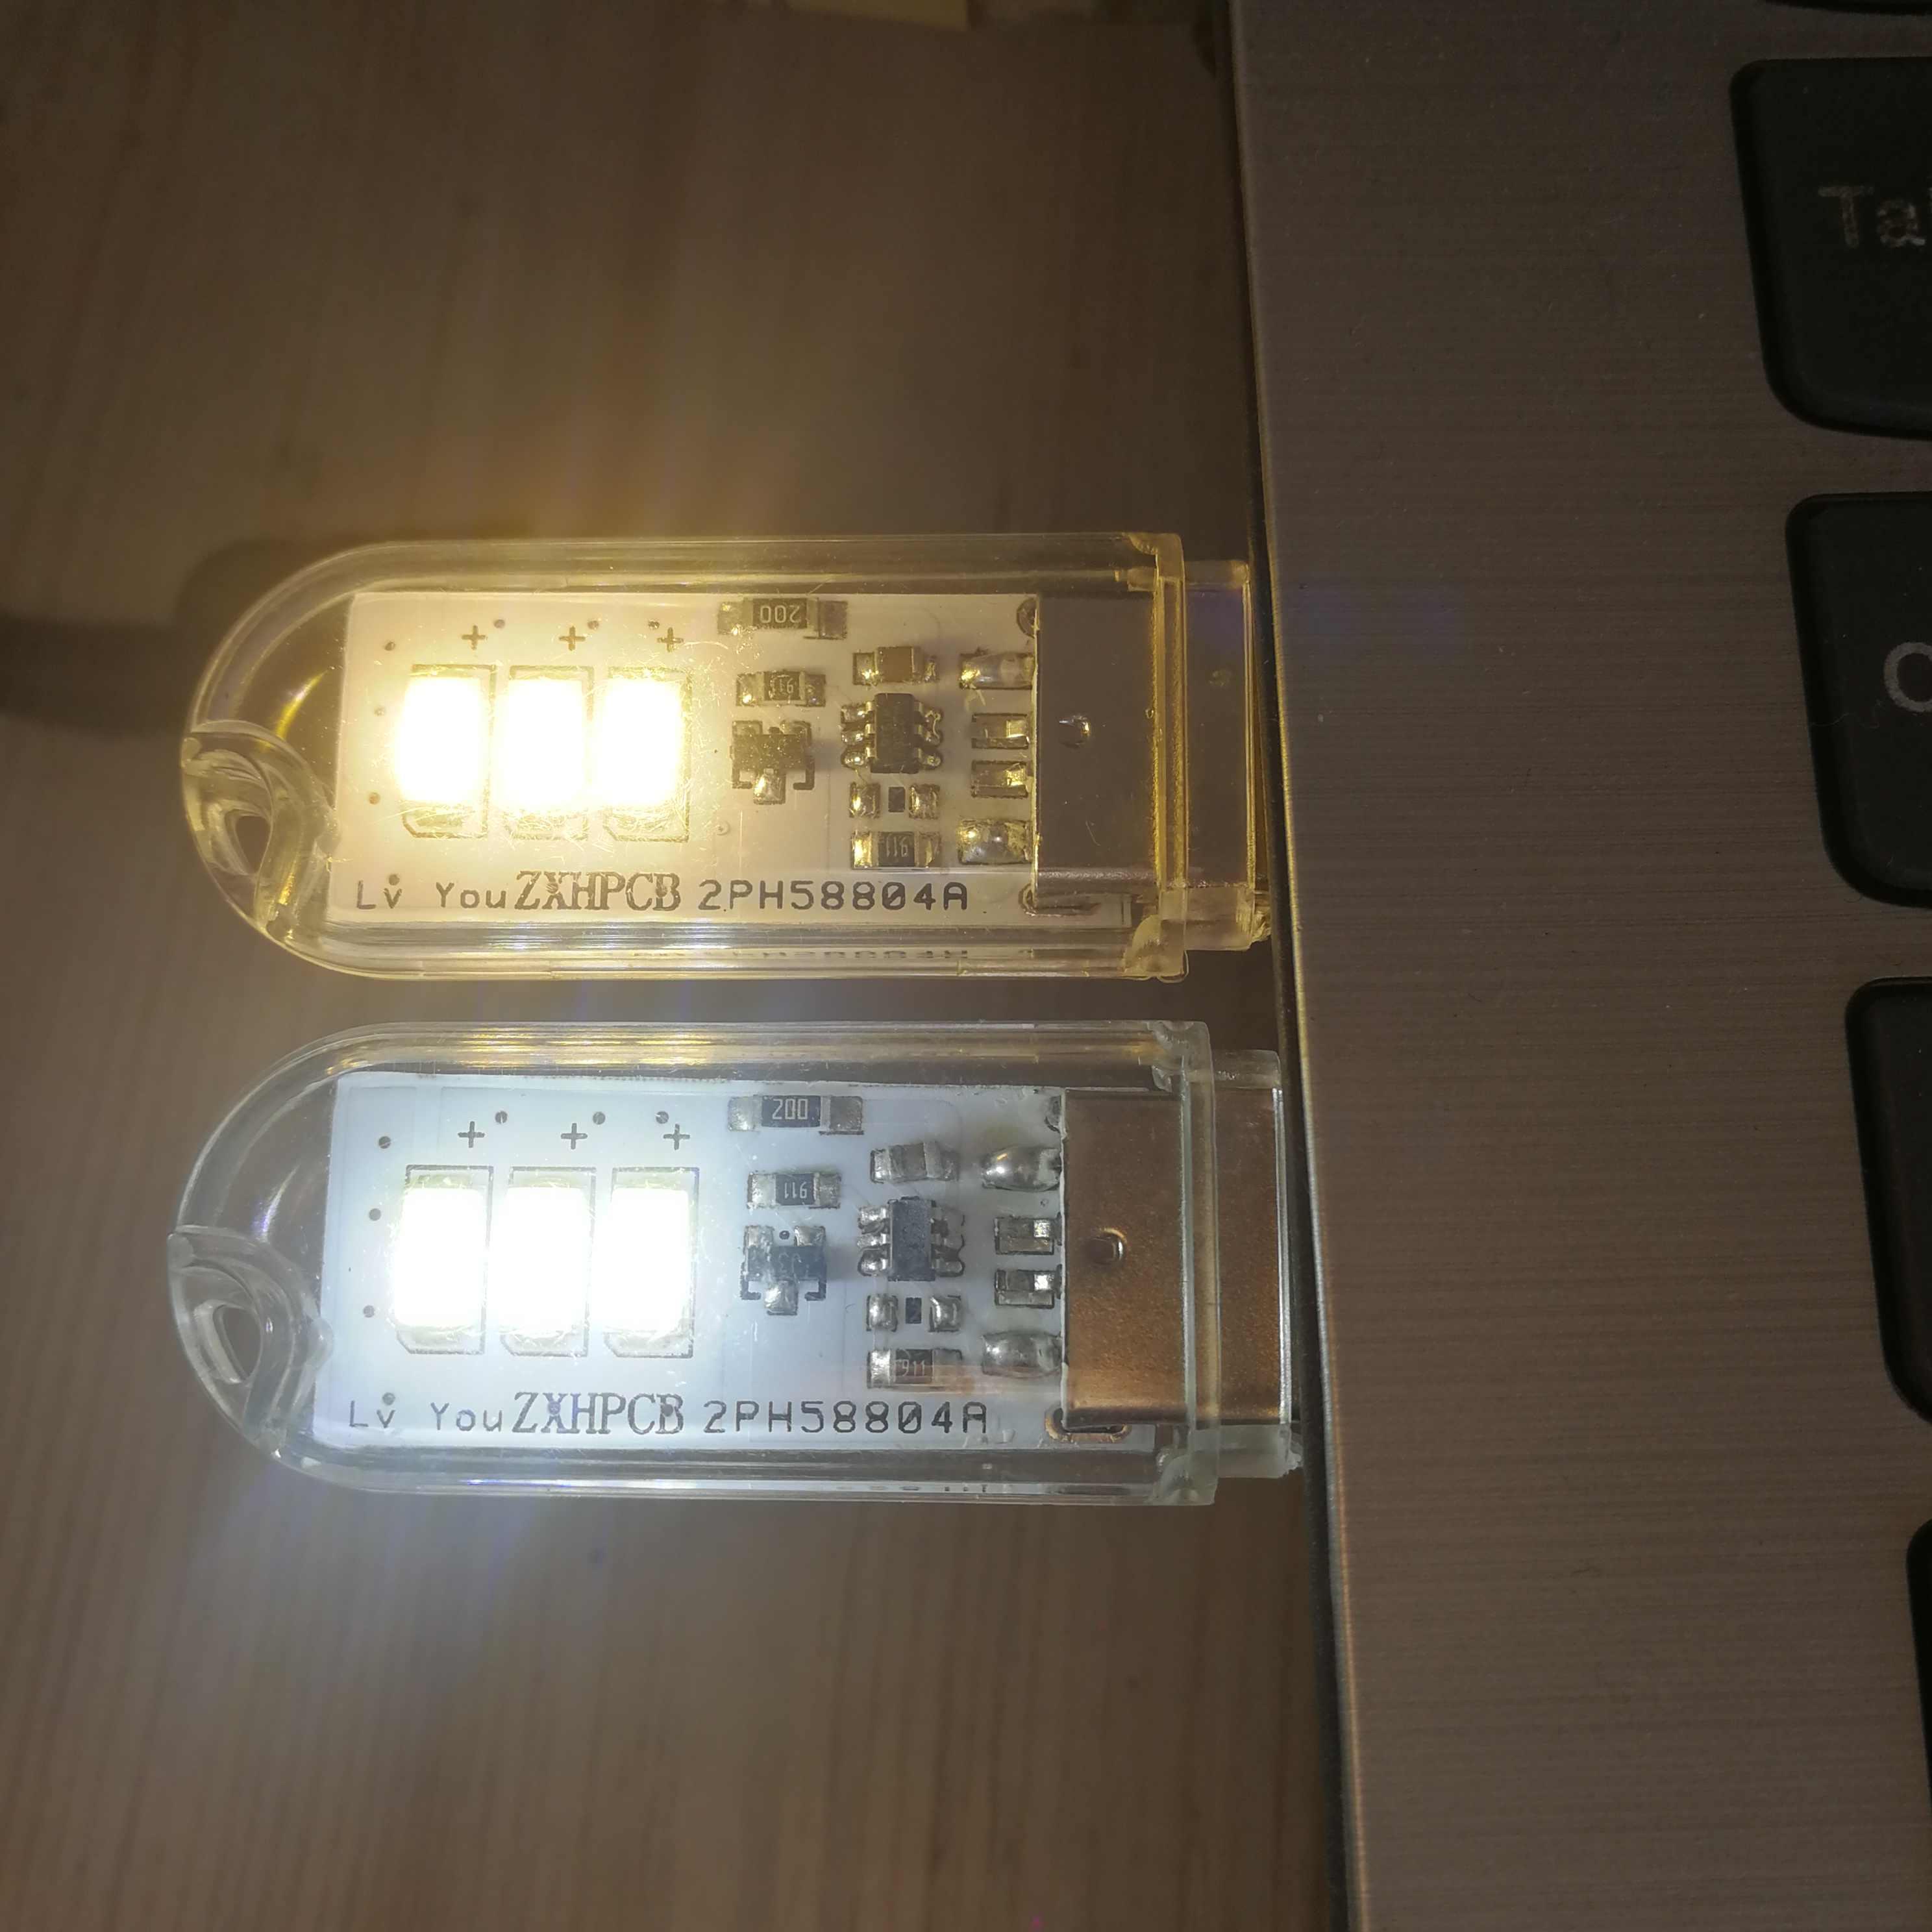 Lampy LED do książki USB 3 8 12 24 diody LED SMD 5630 5730 żarówka LED 5V wejście zasilania biały 5000-6500K ciepły biały 3000-3500K lampka nocna USB